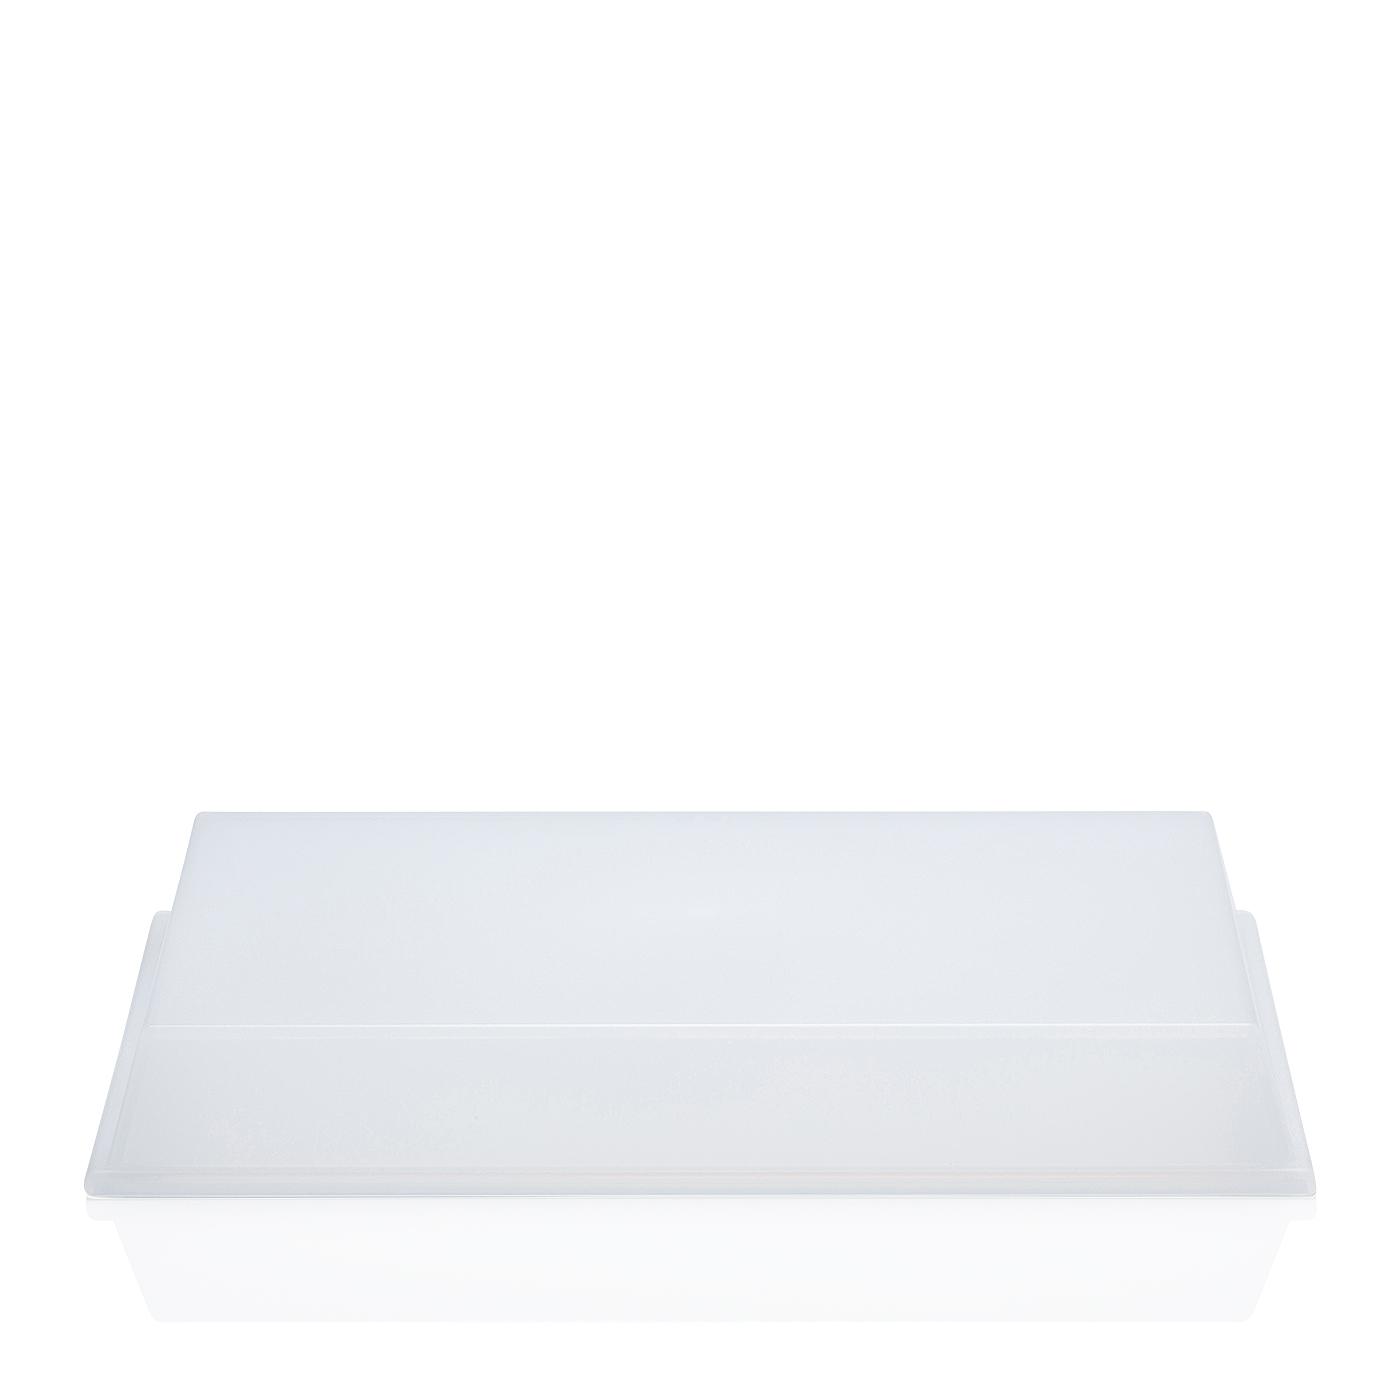 Cloche für Servierplatte 21x33 cm Tric Kunststoff transparent Arzberg